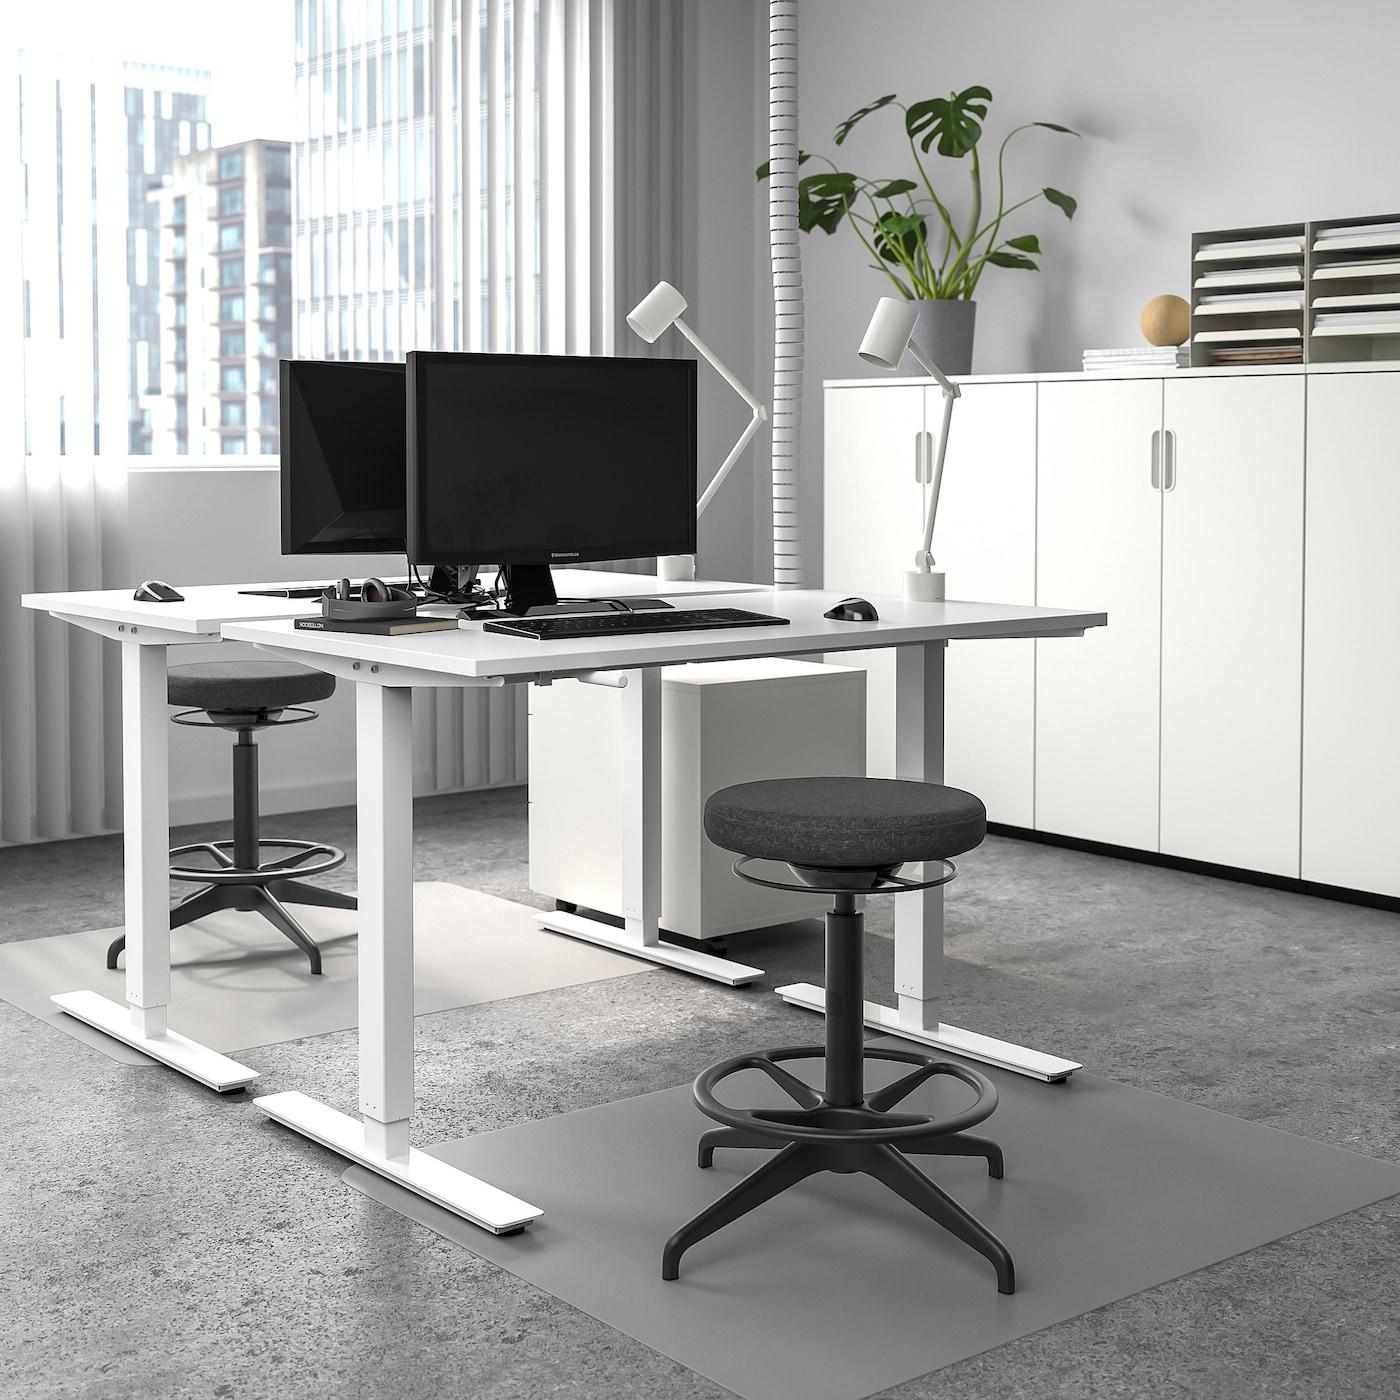 Skarsta Desk Sit Stand White 47 1 4x27 1 2 Ikea